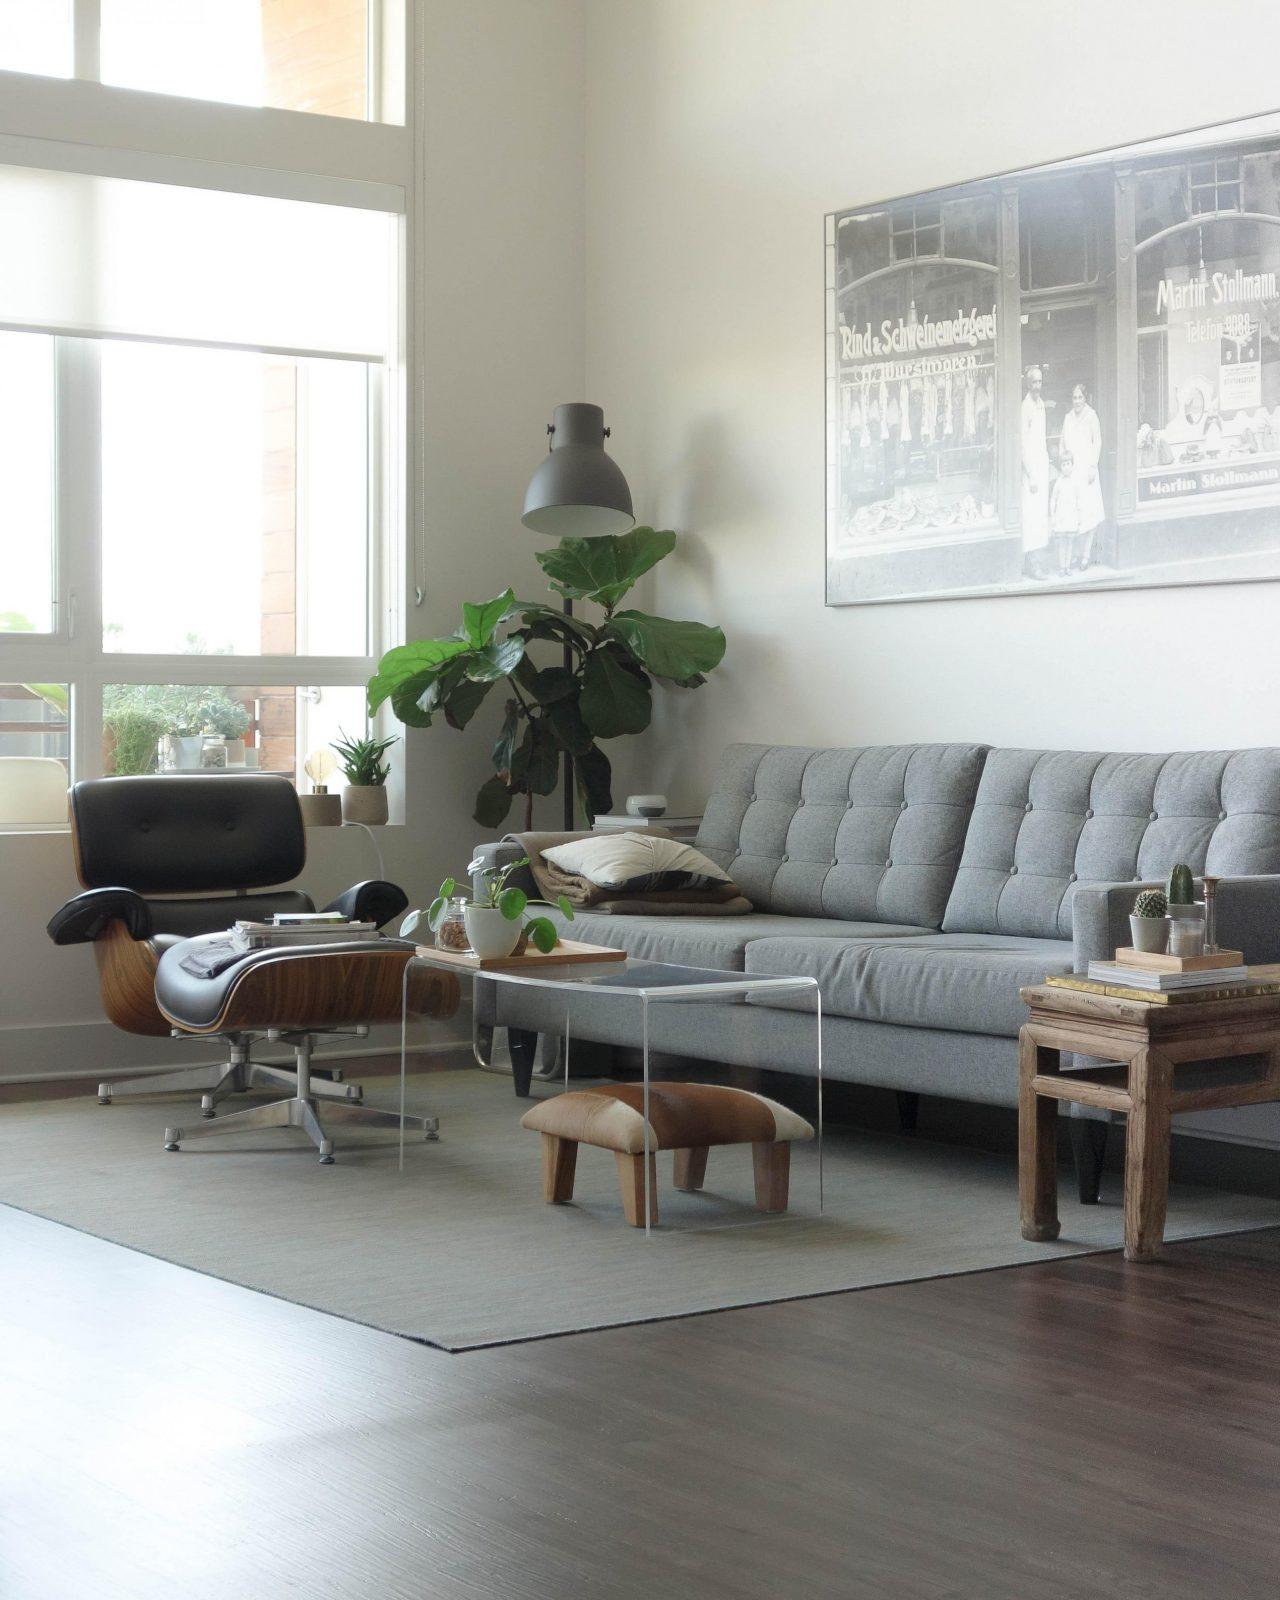 Kleine Wohnung Ganz Groß So Funktioniert's von Kleine Wohnung Einrichten Tipps Bild